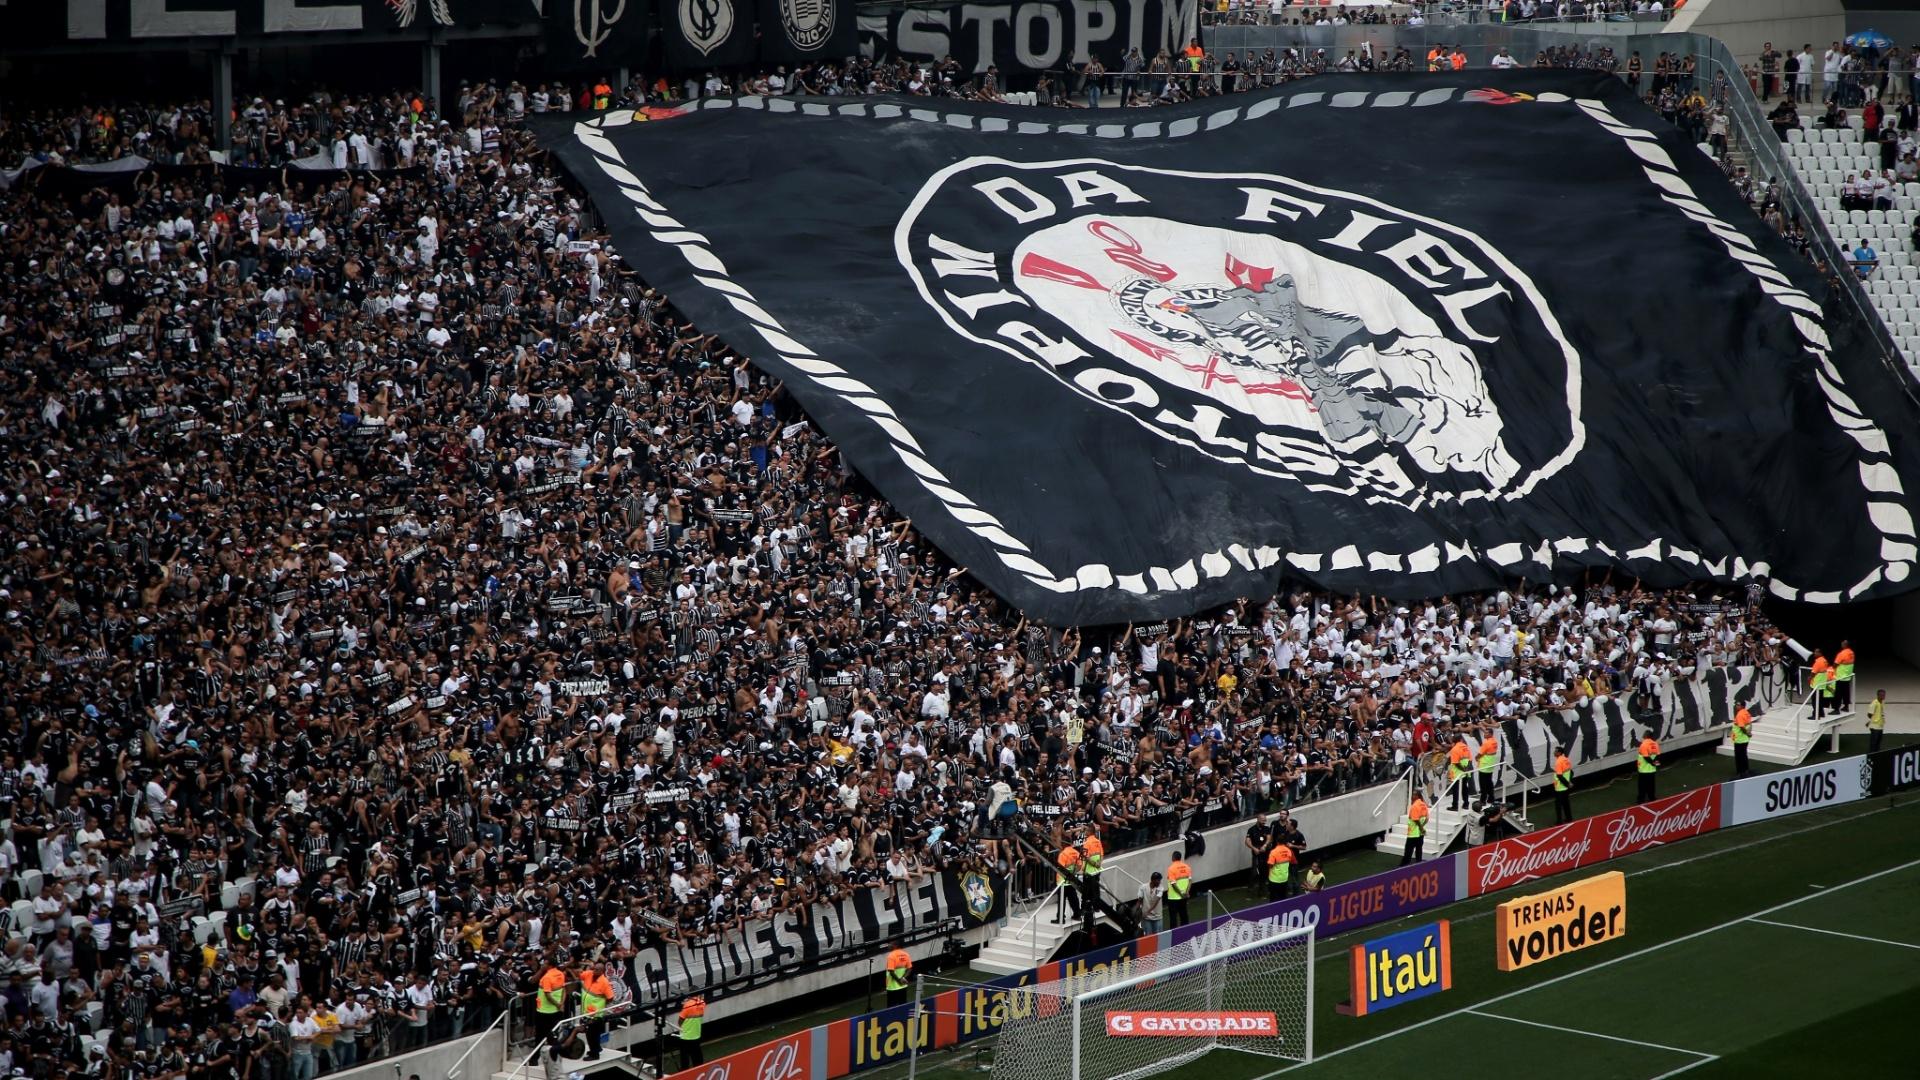 Itaquerão: detalhe para torcida do Corinthians na arquibancada do estádio